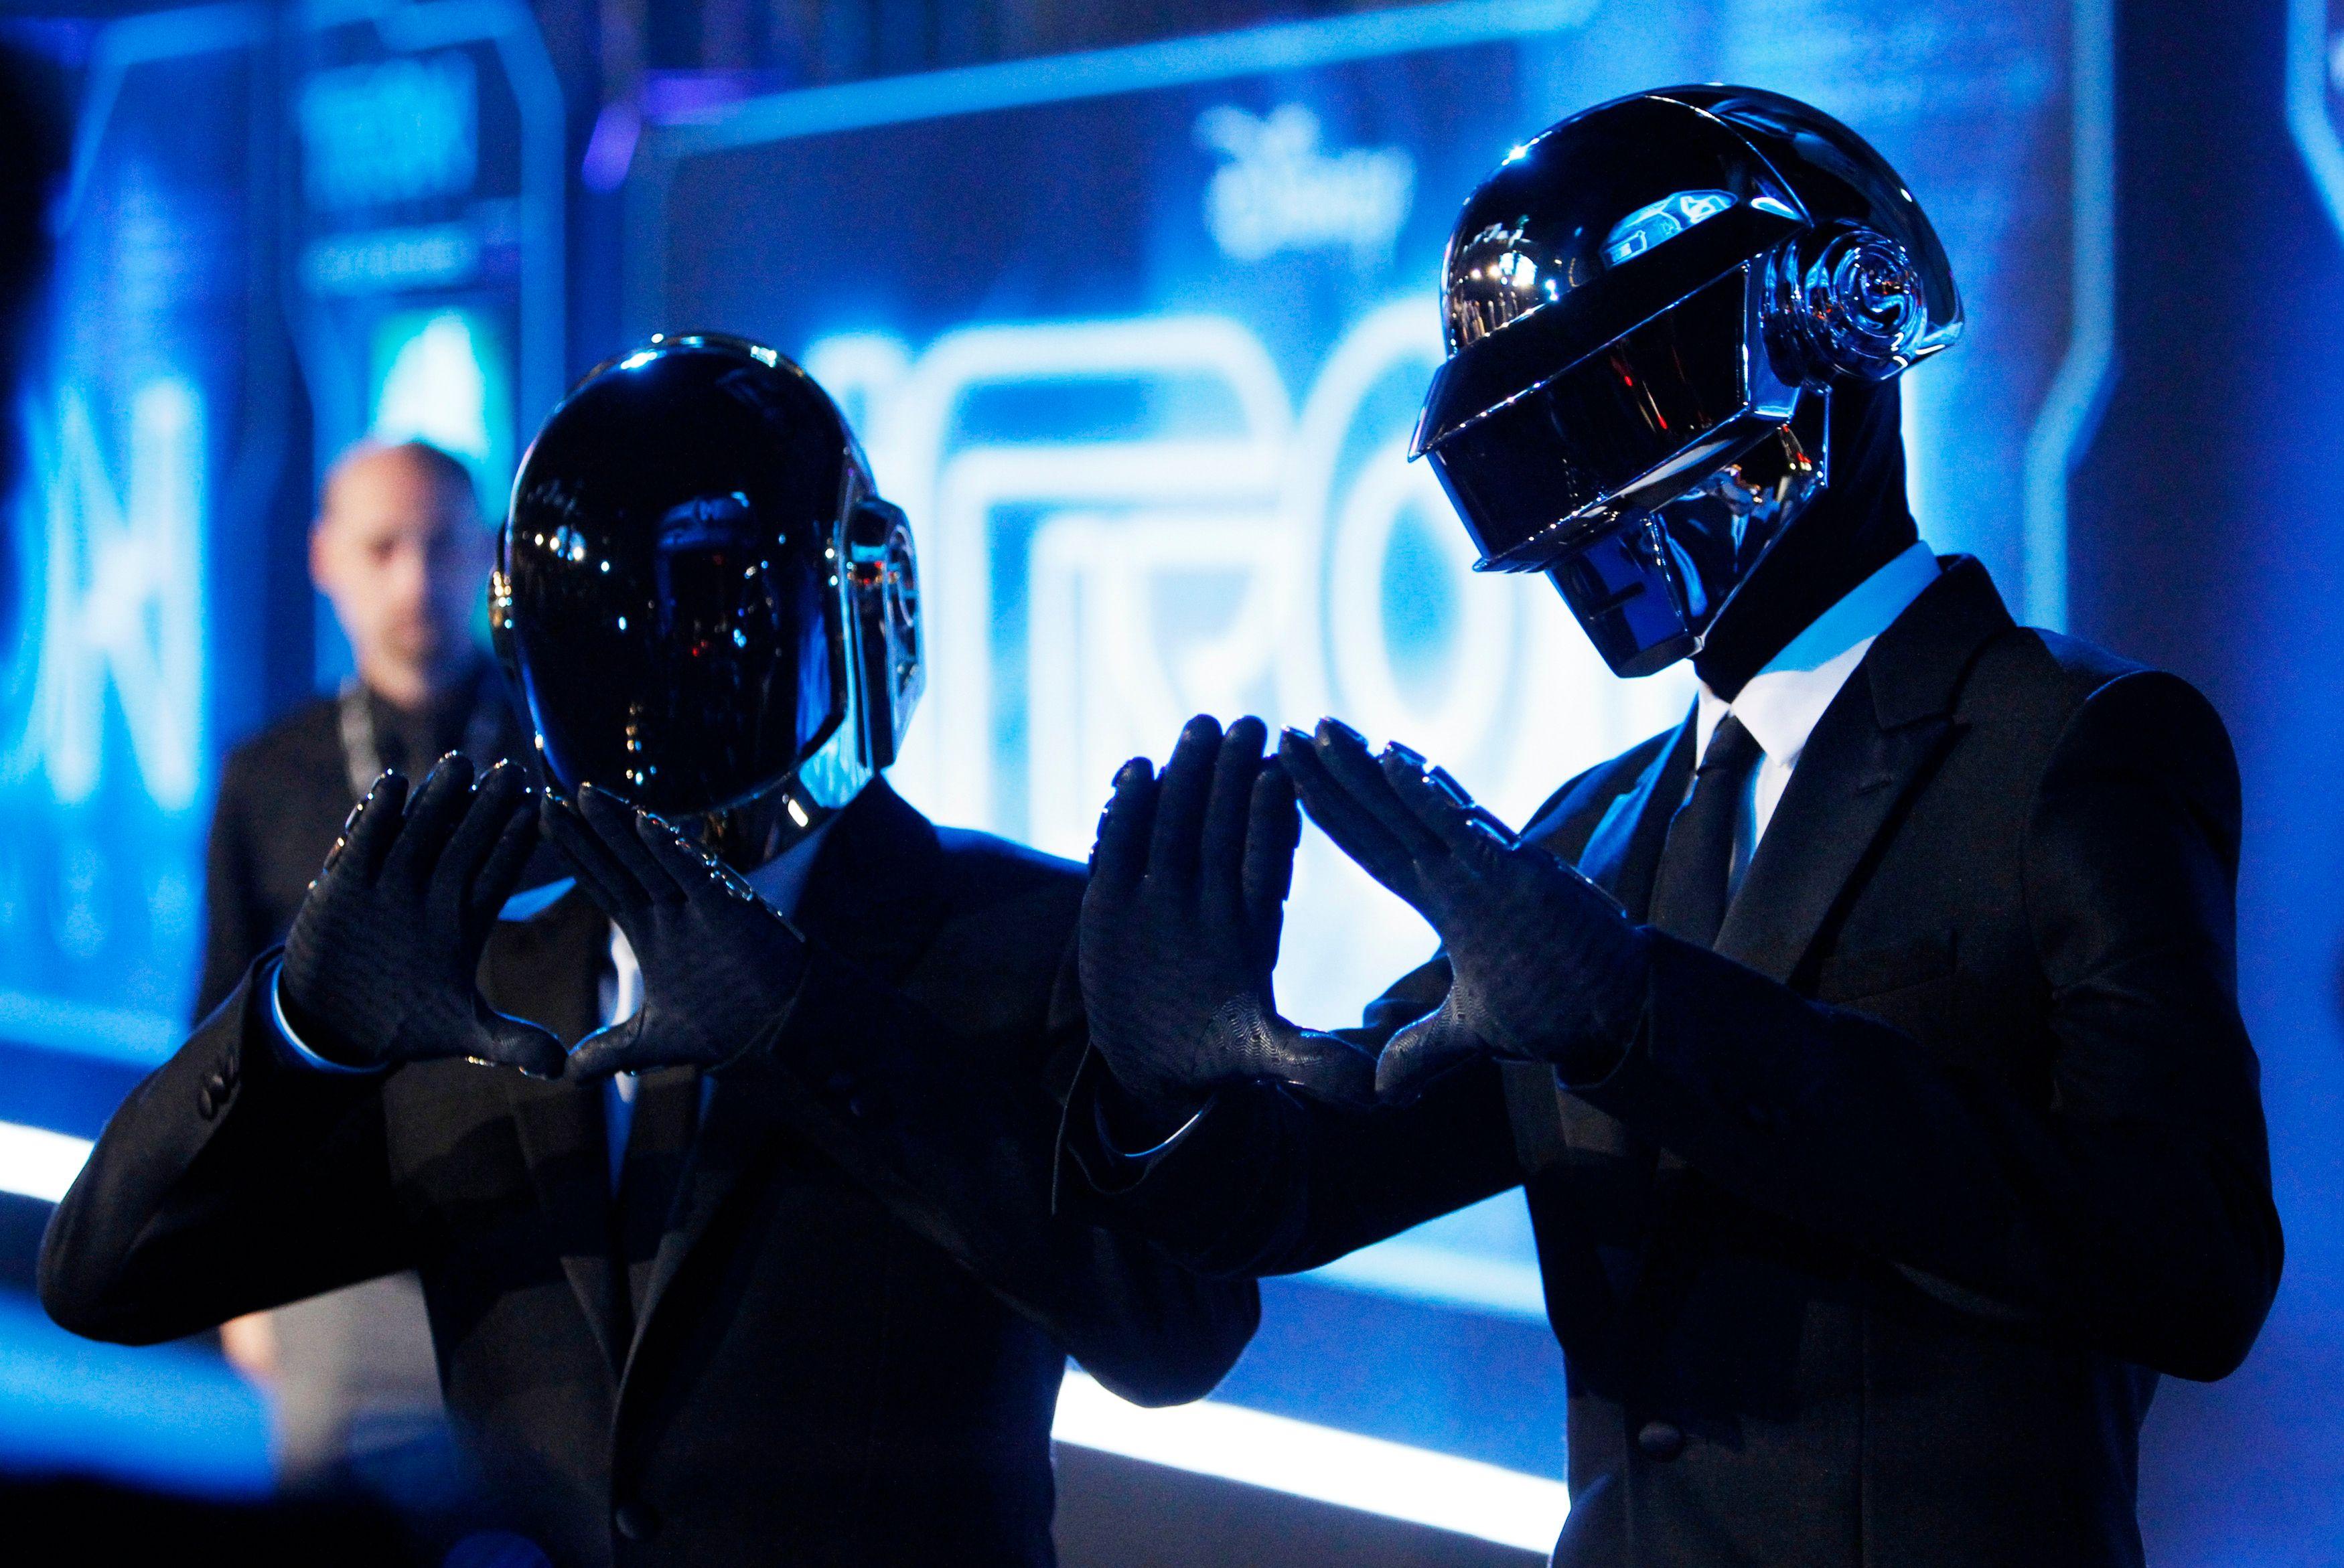 Le duo des Daft Punk avec Jay-Z est-il un fake ou pas ?